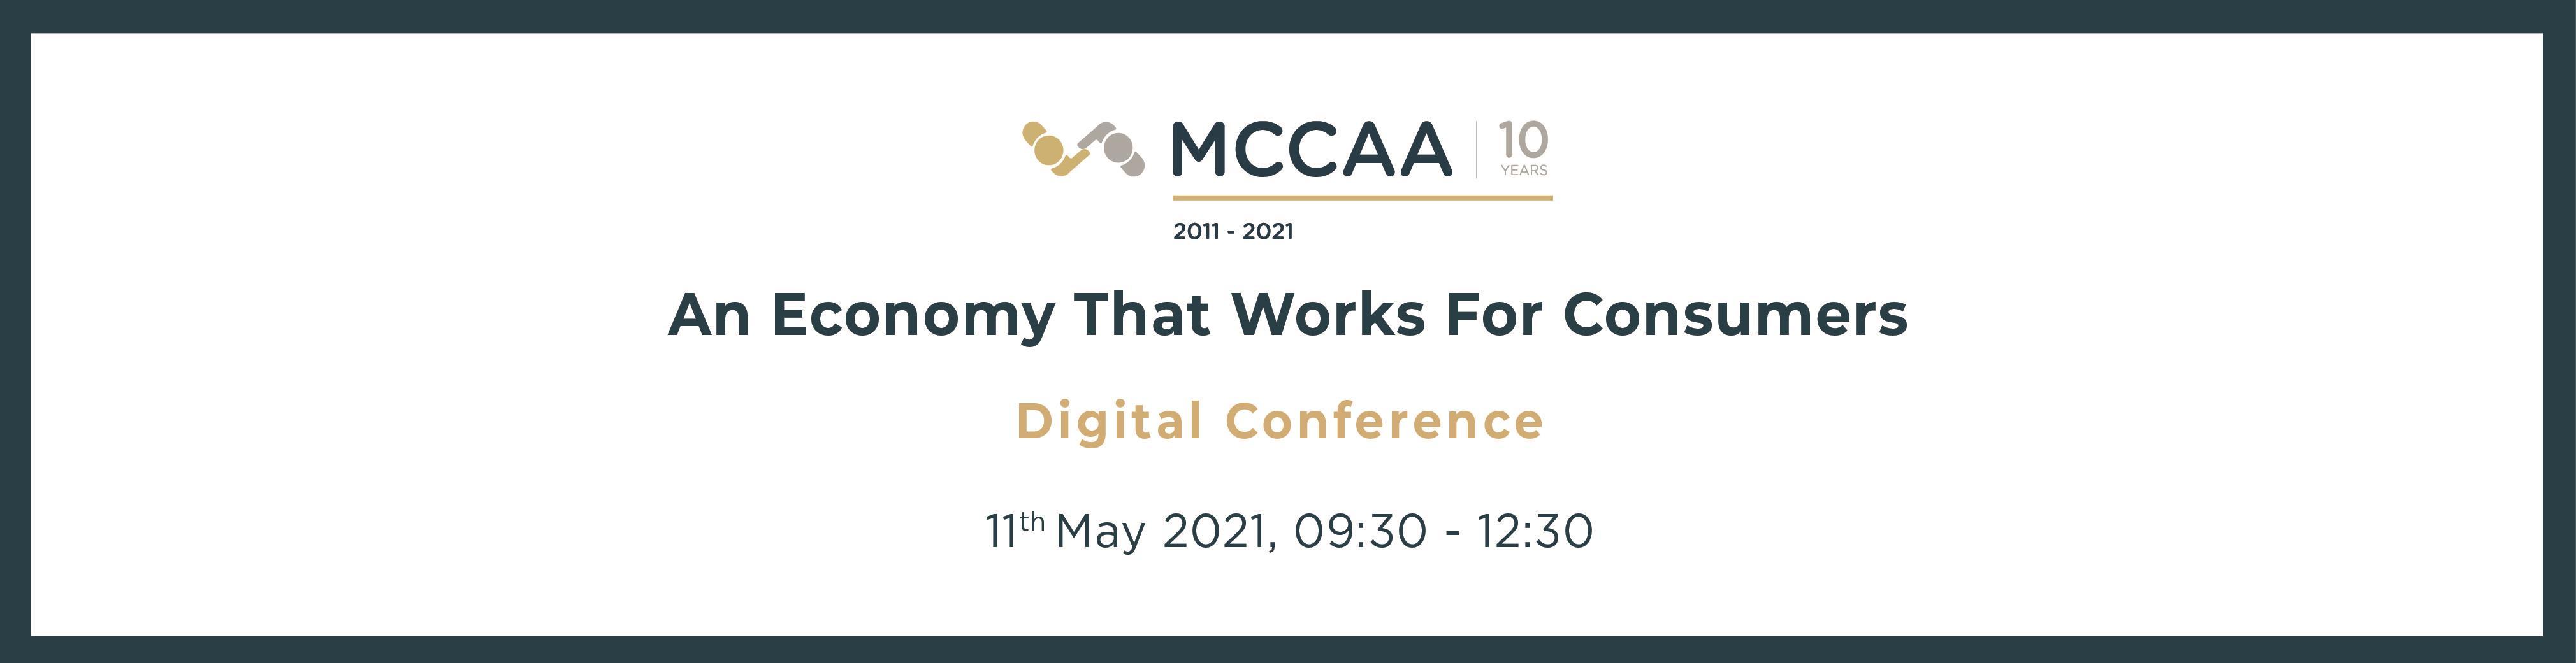 mccaa